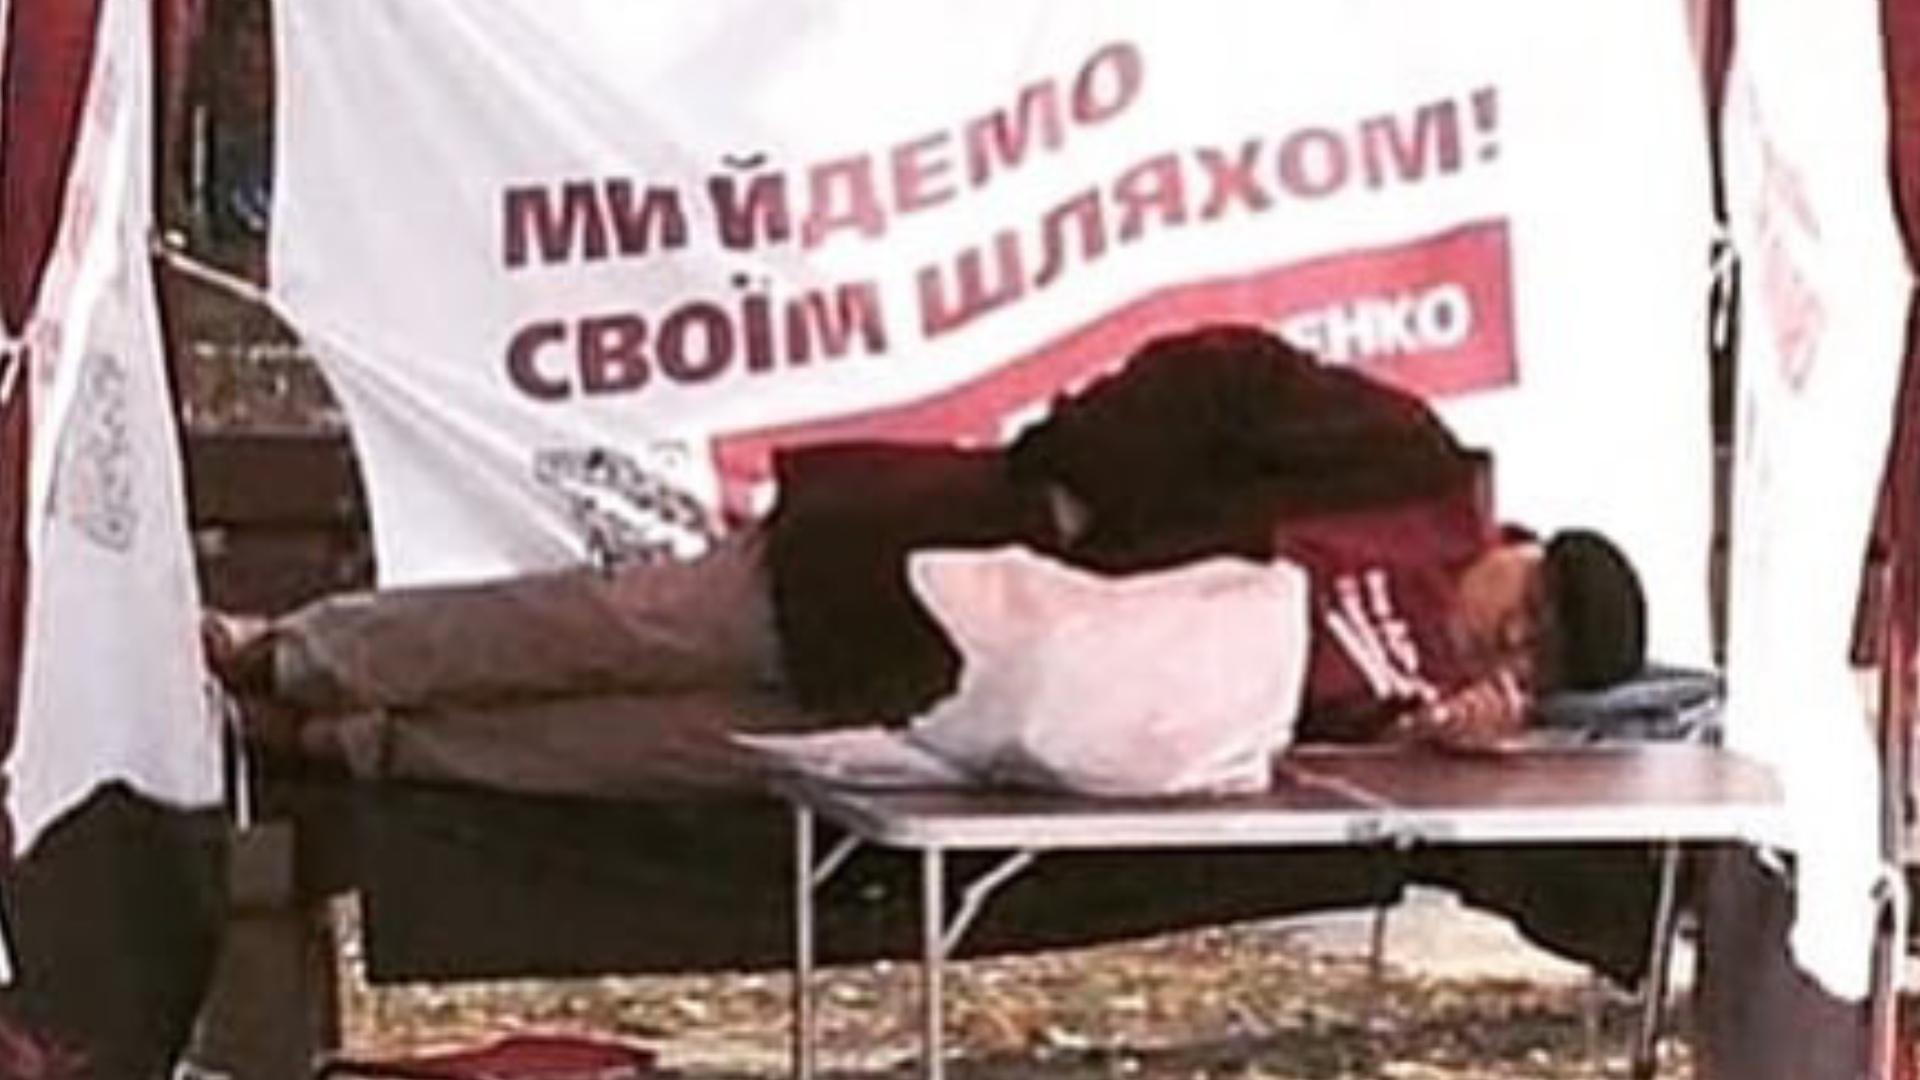 Скоро палатки Порошенко будут постоянной рубрикой